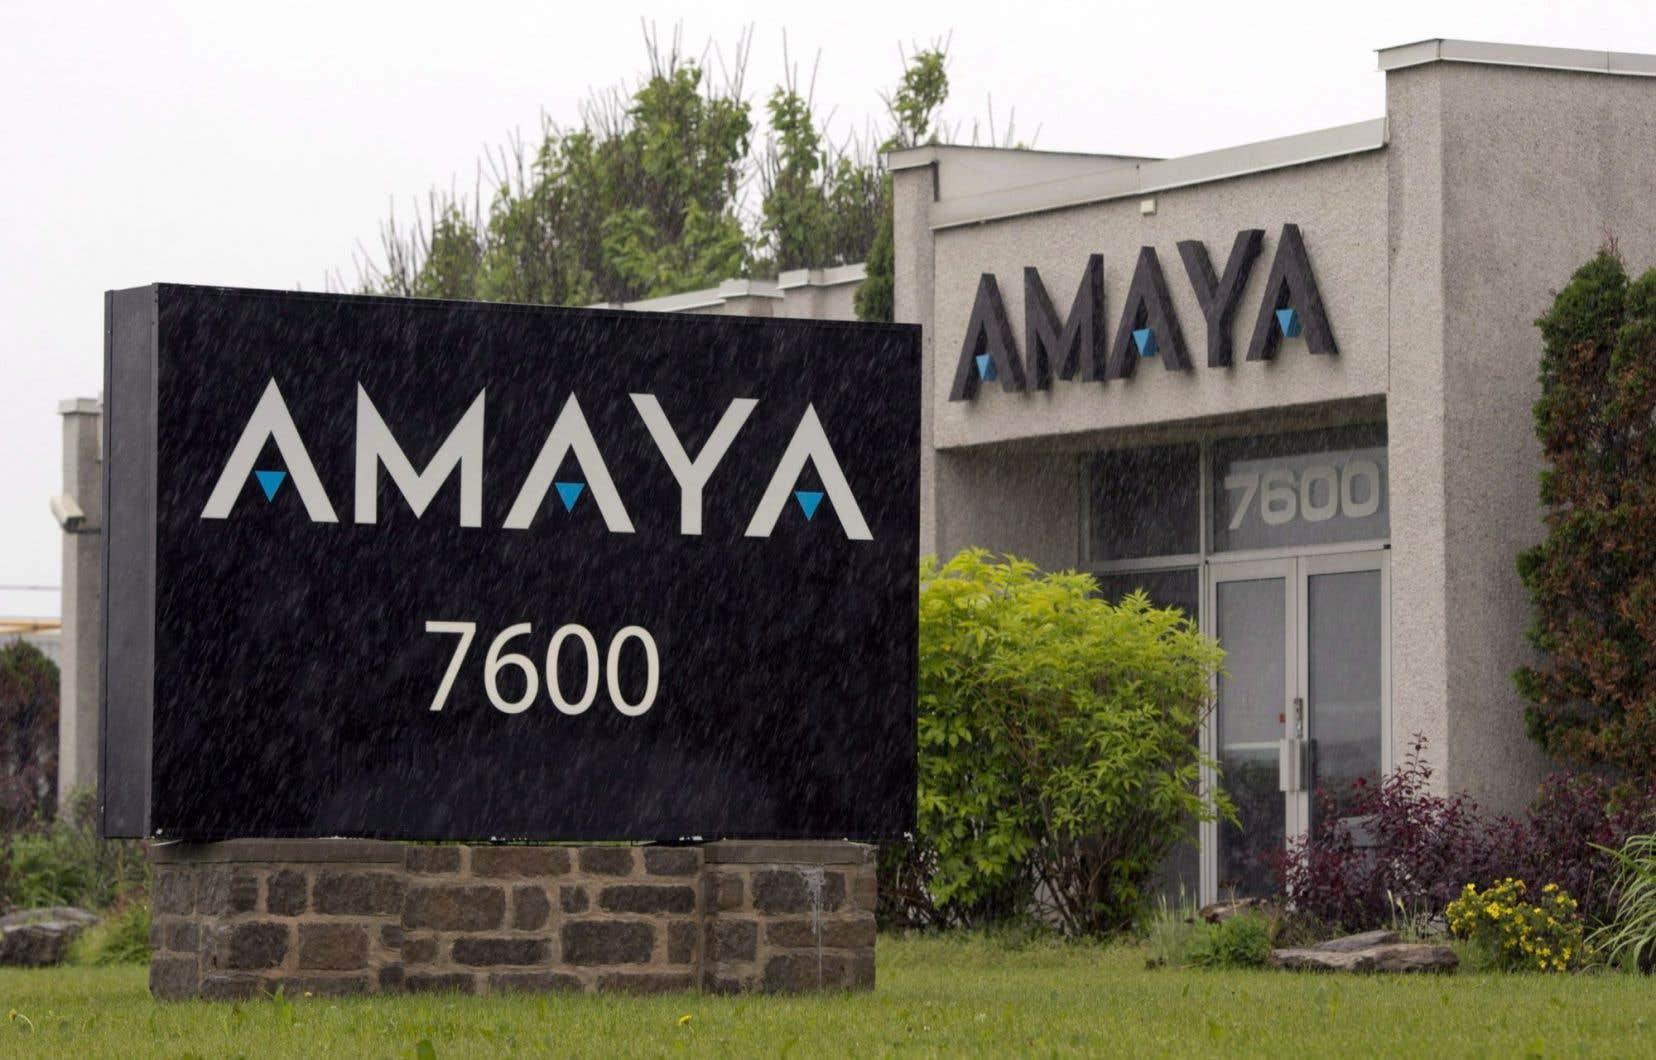 Au cours des derniers mois, le conseil d'administration d'Amaya avait exploré la possibilité d'une fusion avec le preneur de paris britannique William Hill pour finalement renoncer à cette possibilité